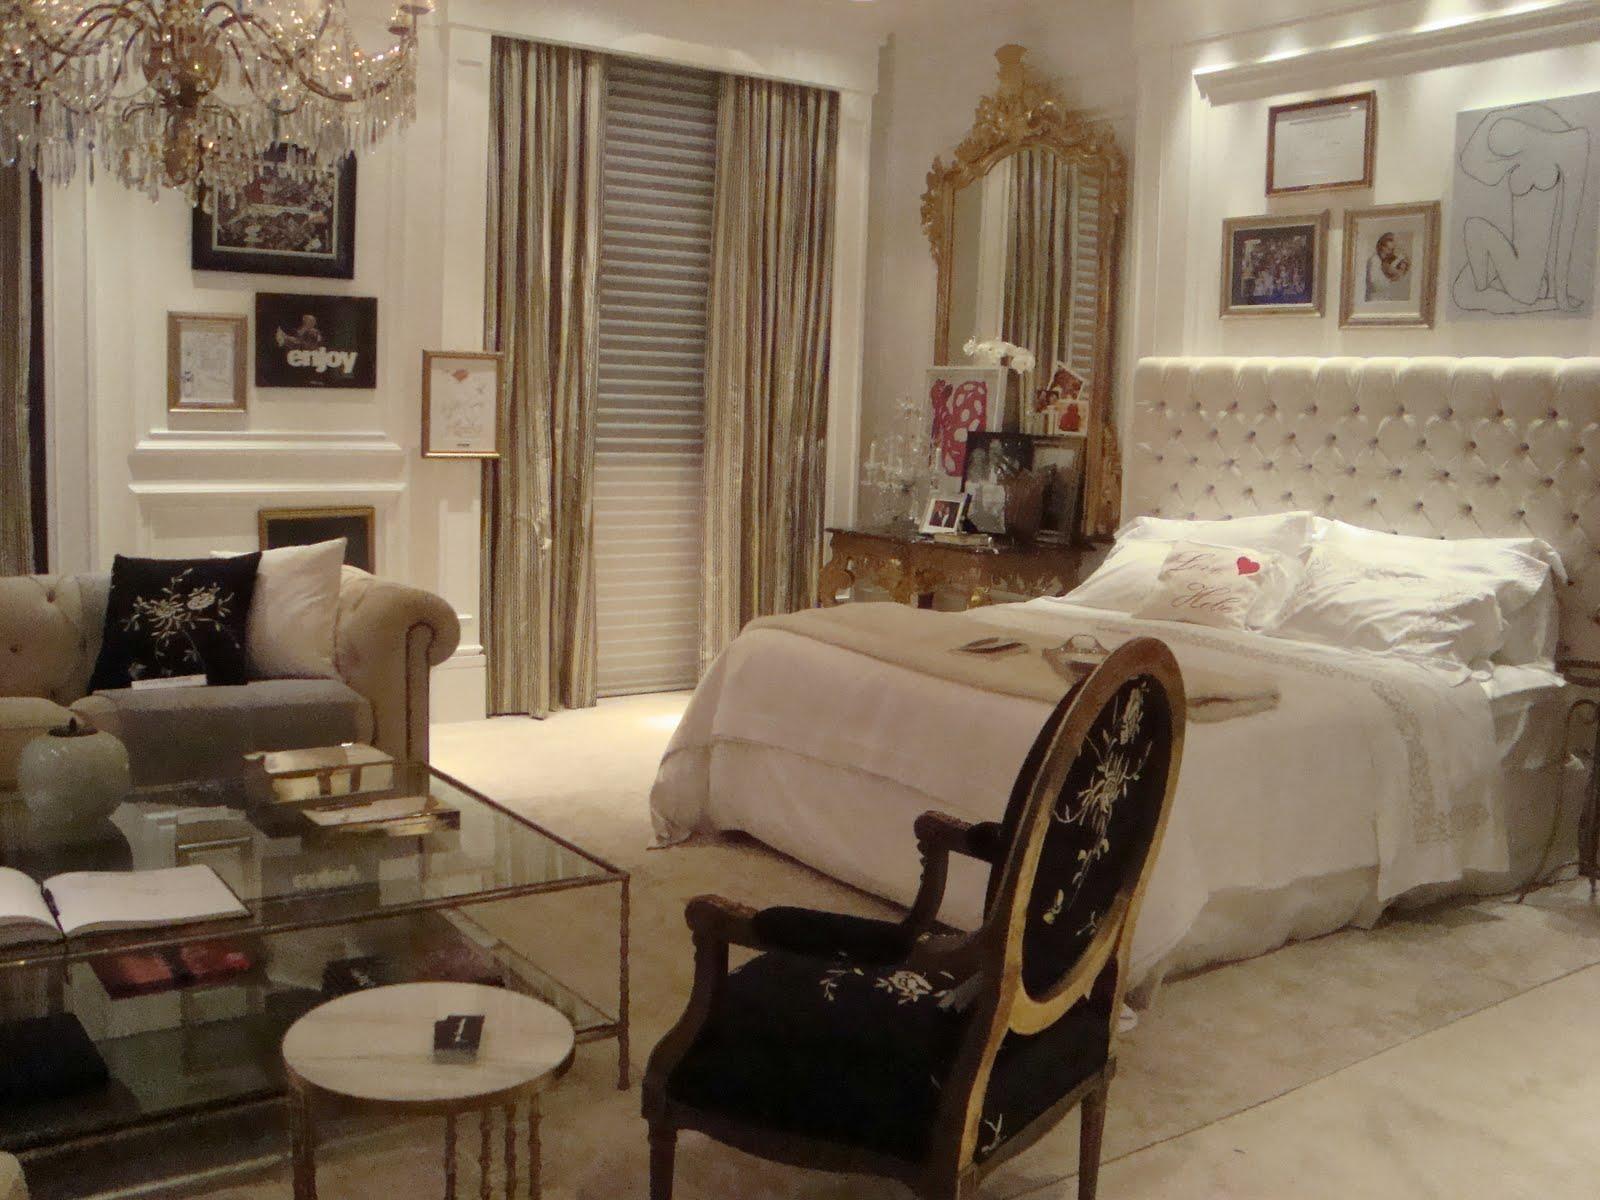 decoracao de interiores estilo classico : decoracao de interiores estilo classico:dicas-de-decoracao-de-quarto-casa-cor-2009-suite-hebe-camargo-joao